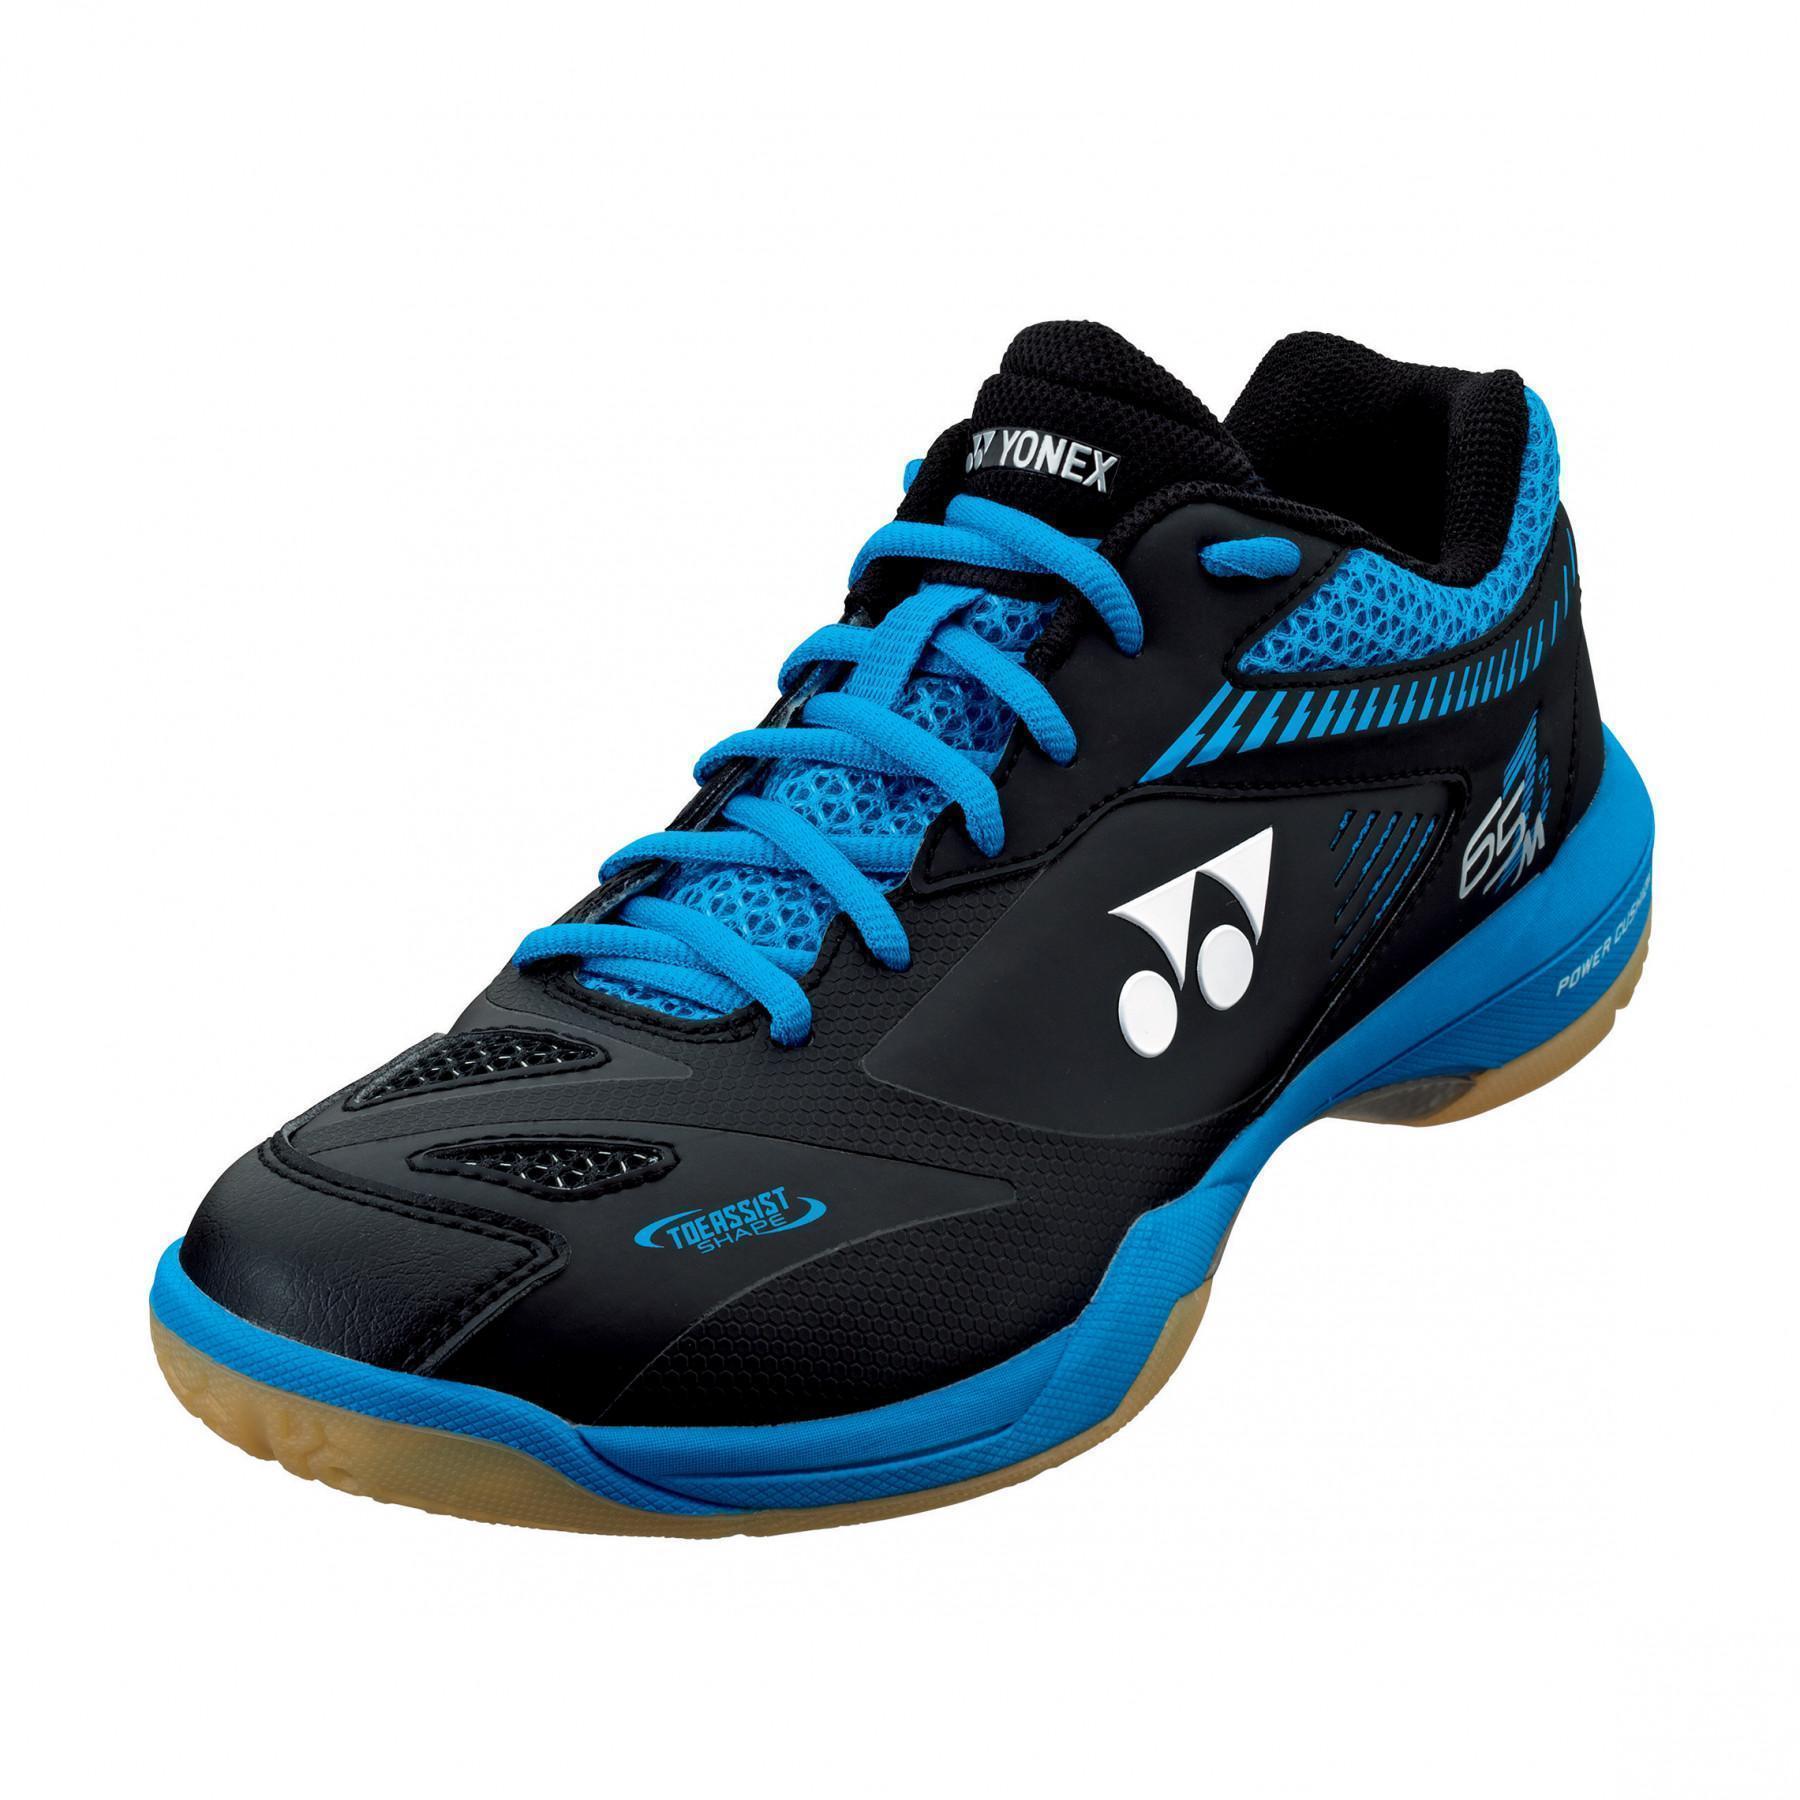 Yonex Power Cushion 65 Z2 Shoes